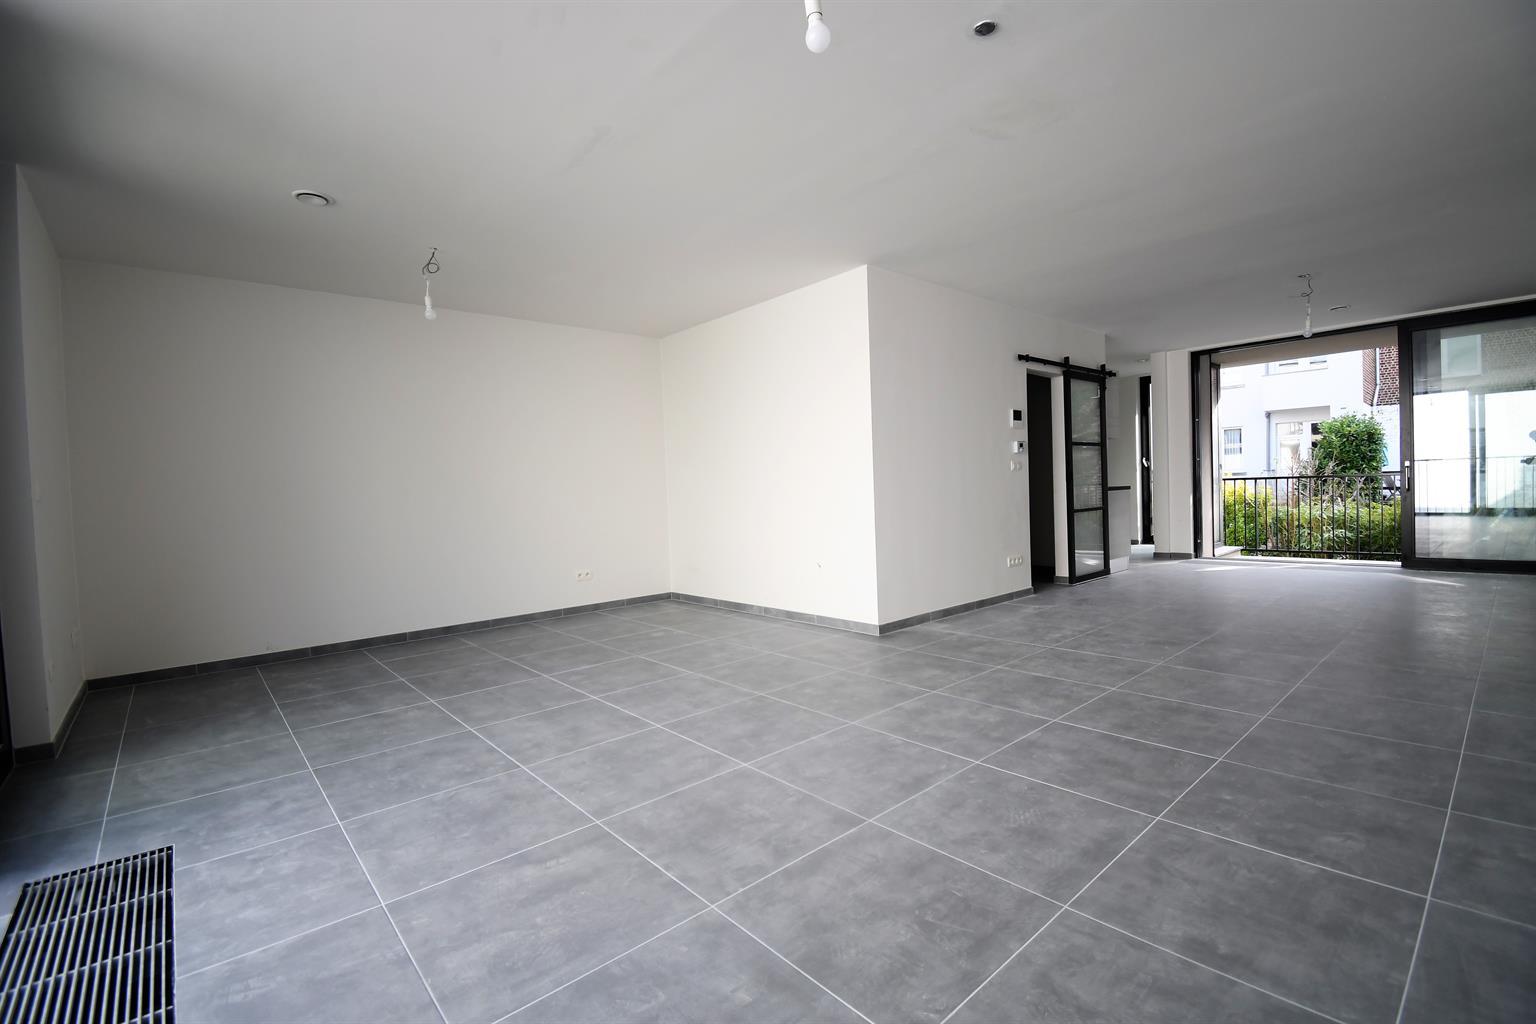 Appartement - Woluwe-Saint-Pierre - #4368821-2